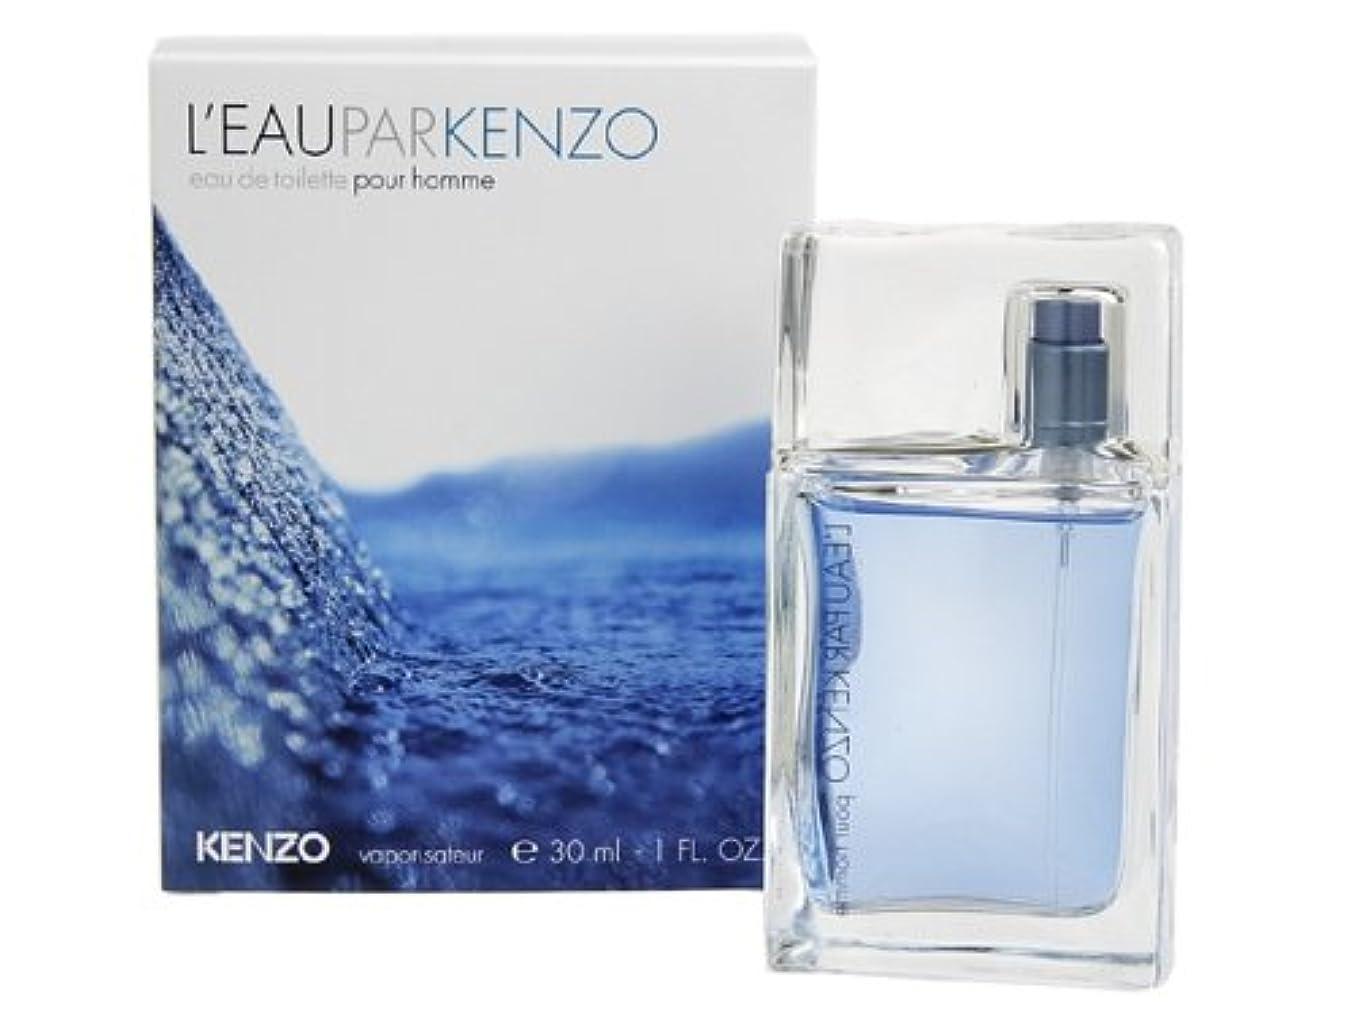 ビクターレンドカセットローパケンゾープールオム30mlオードトワレスプレー[ケンゾー][KENZO]